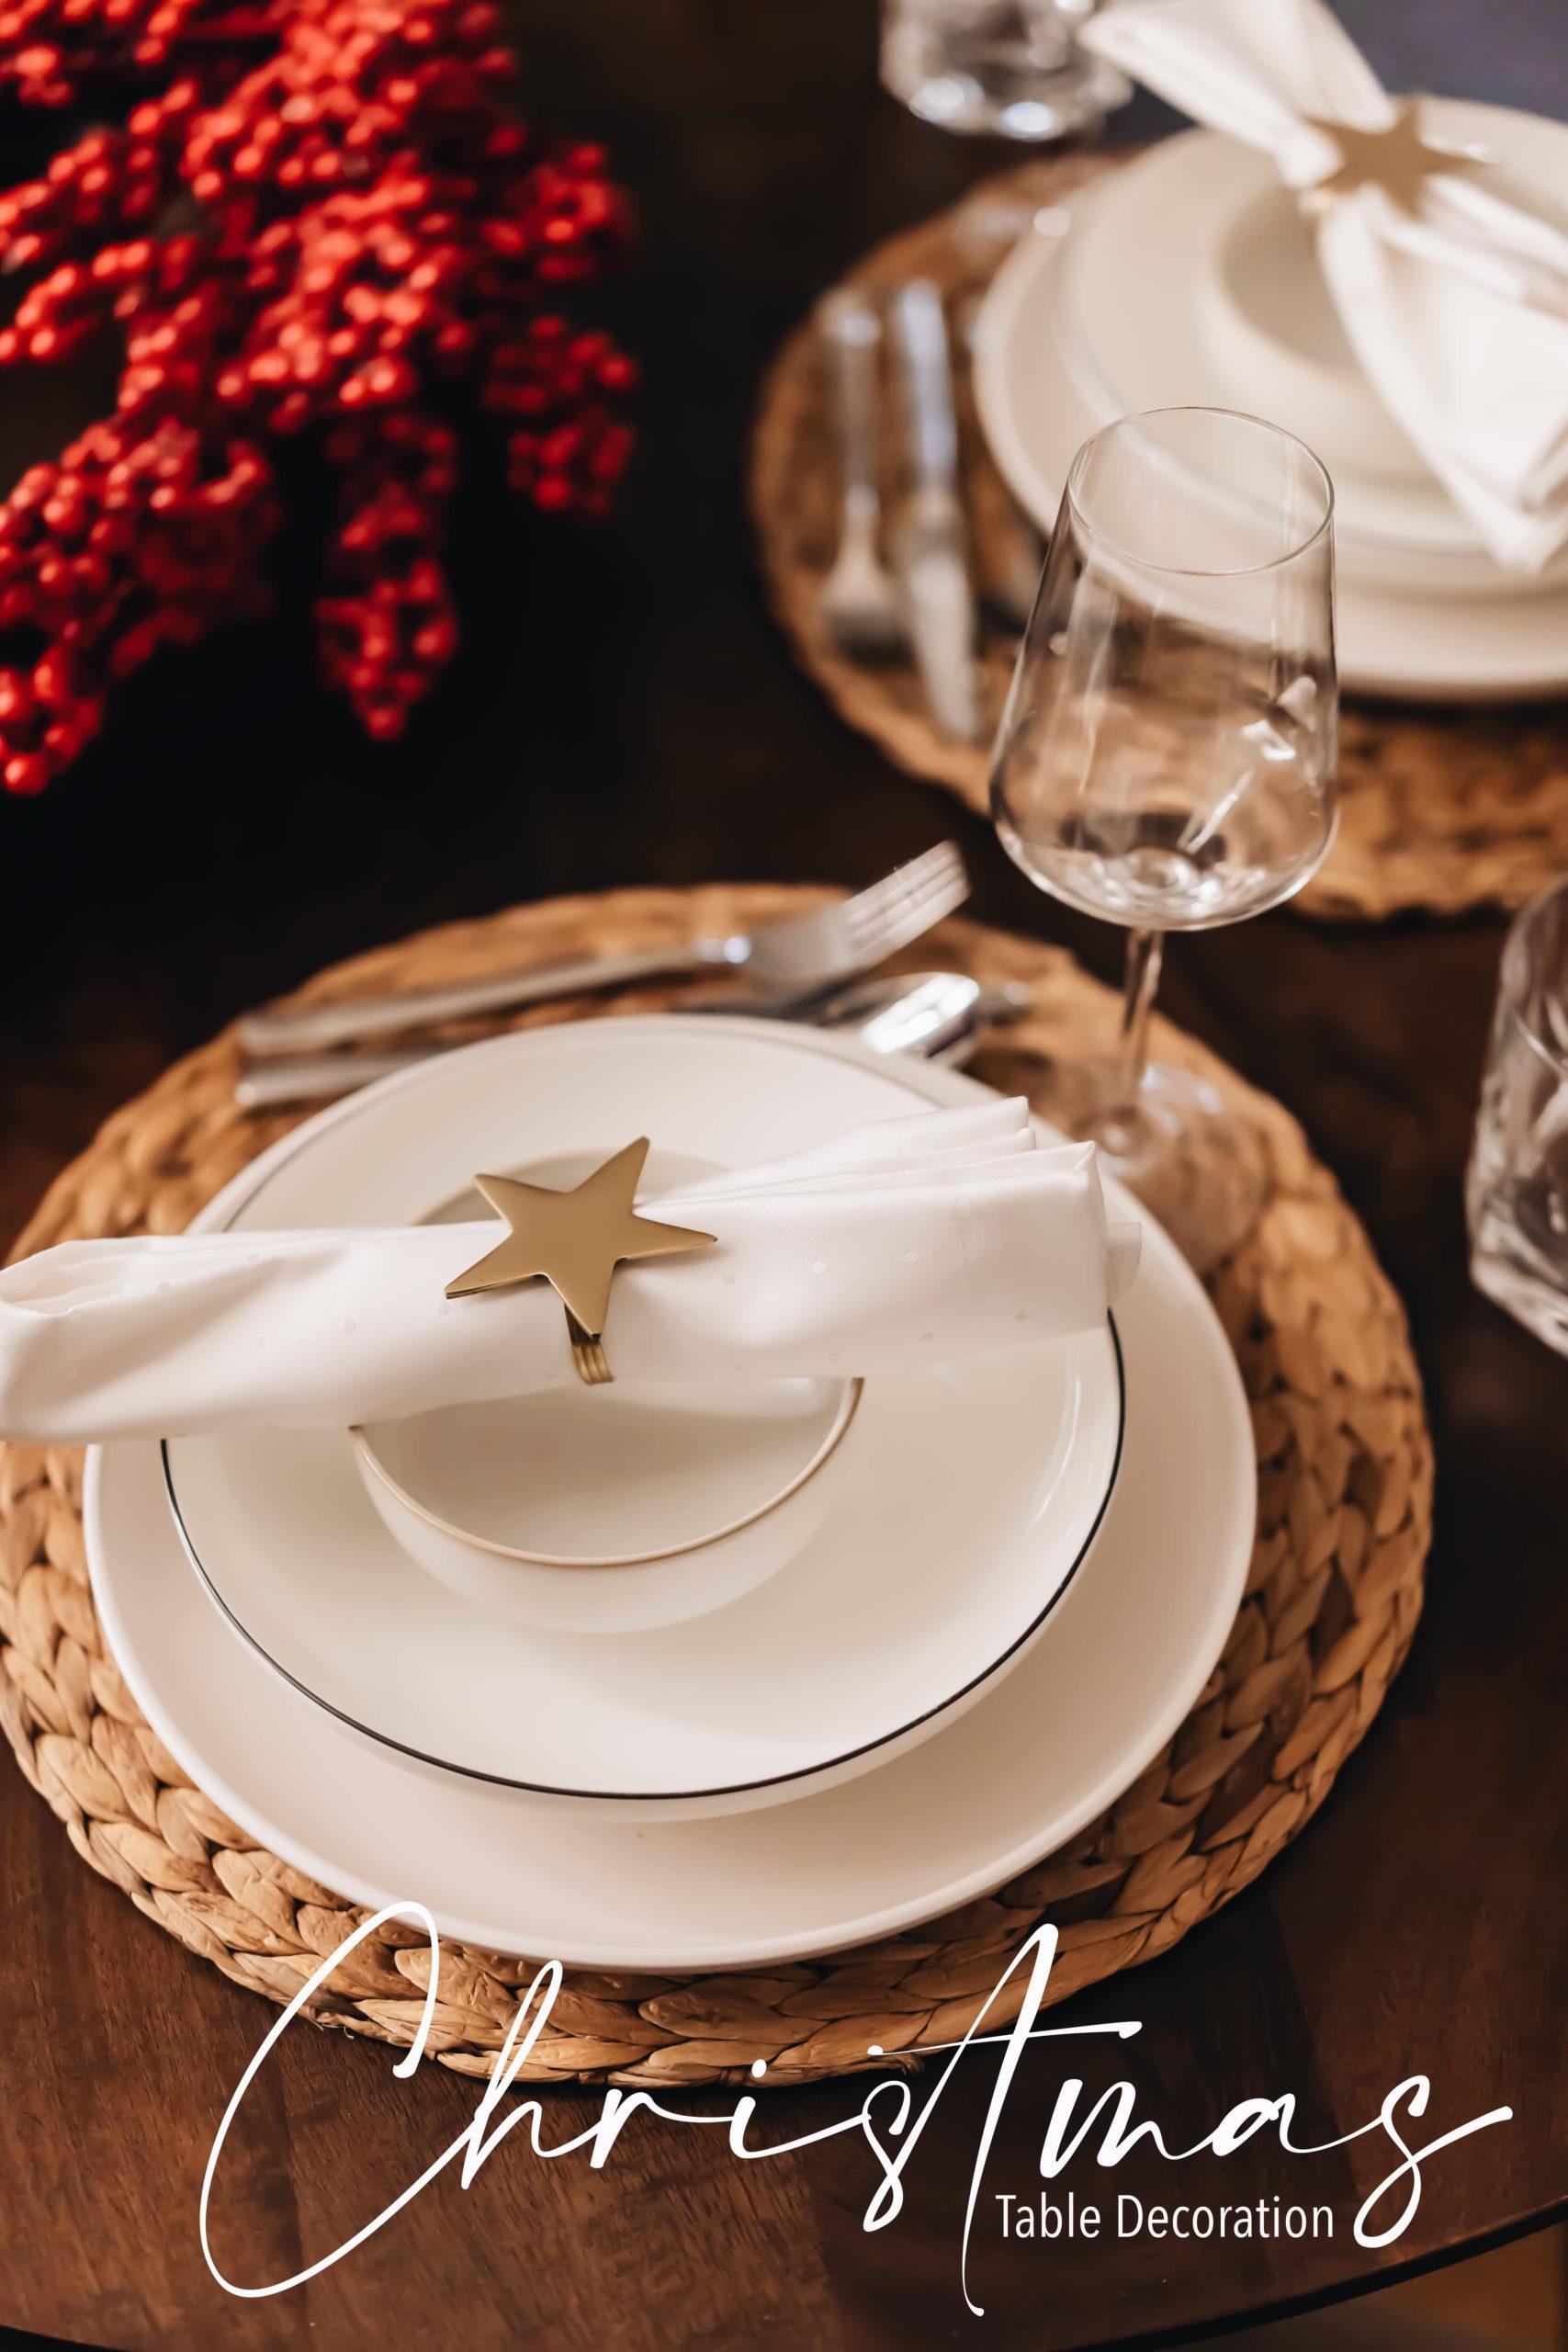 Weihnachtsdekoration auf dem Tisch? Ich zeige euch drei Varianten, mit denen ihr nichts verkehrt machen könnt